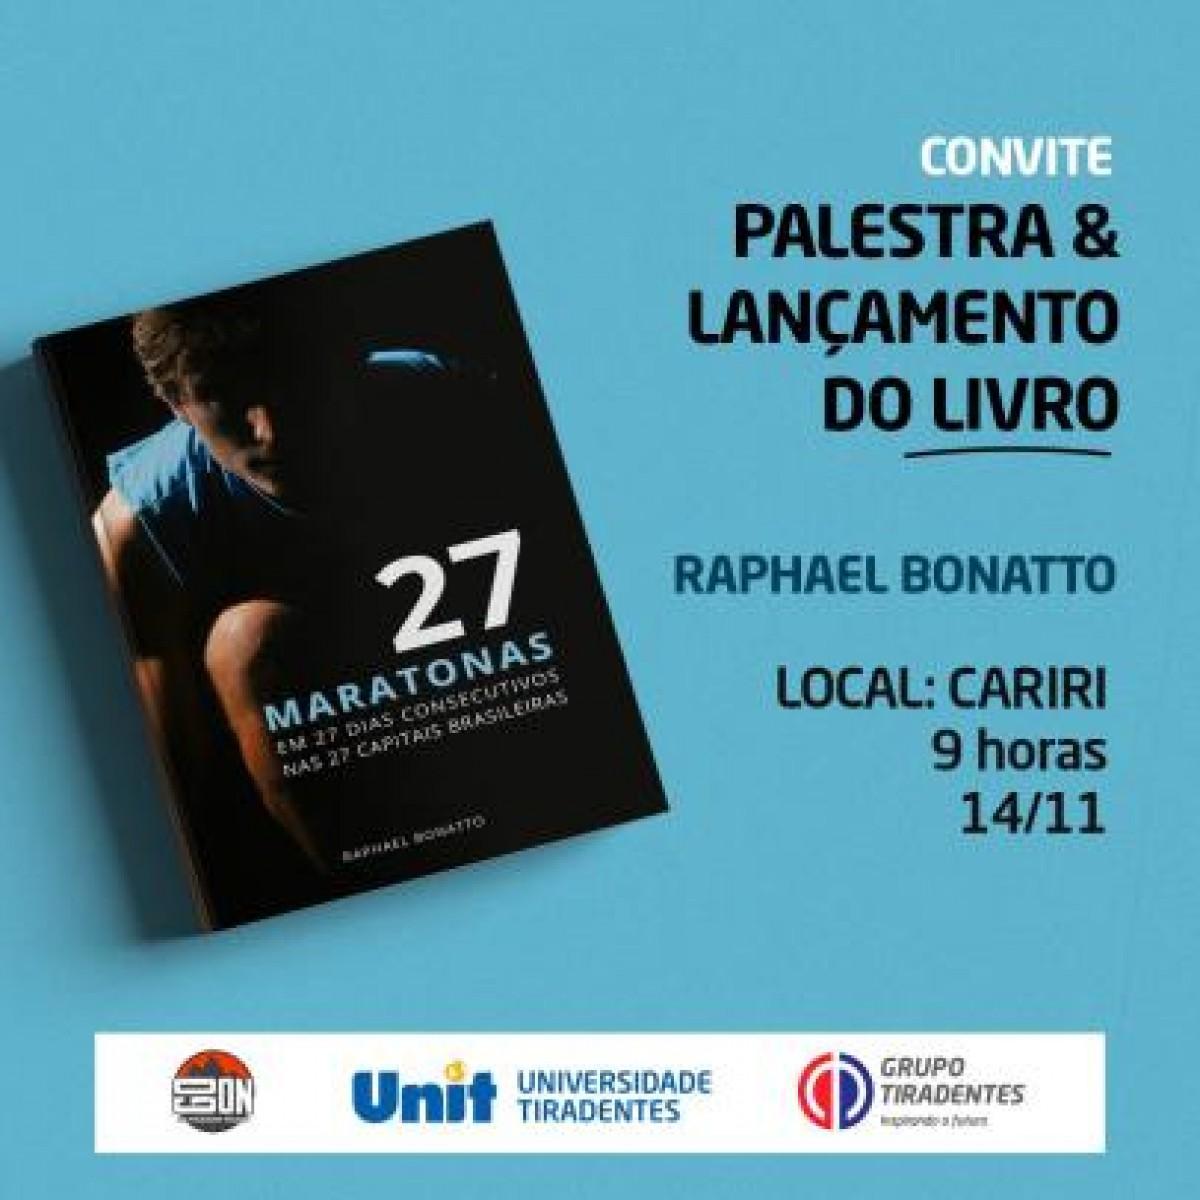 Palestra e lançamento do livro de Raphael Bonatto (Imagem: Divulgação)